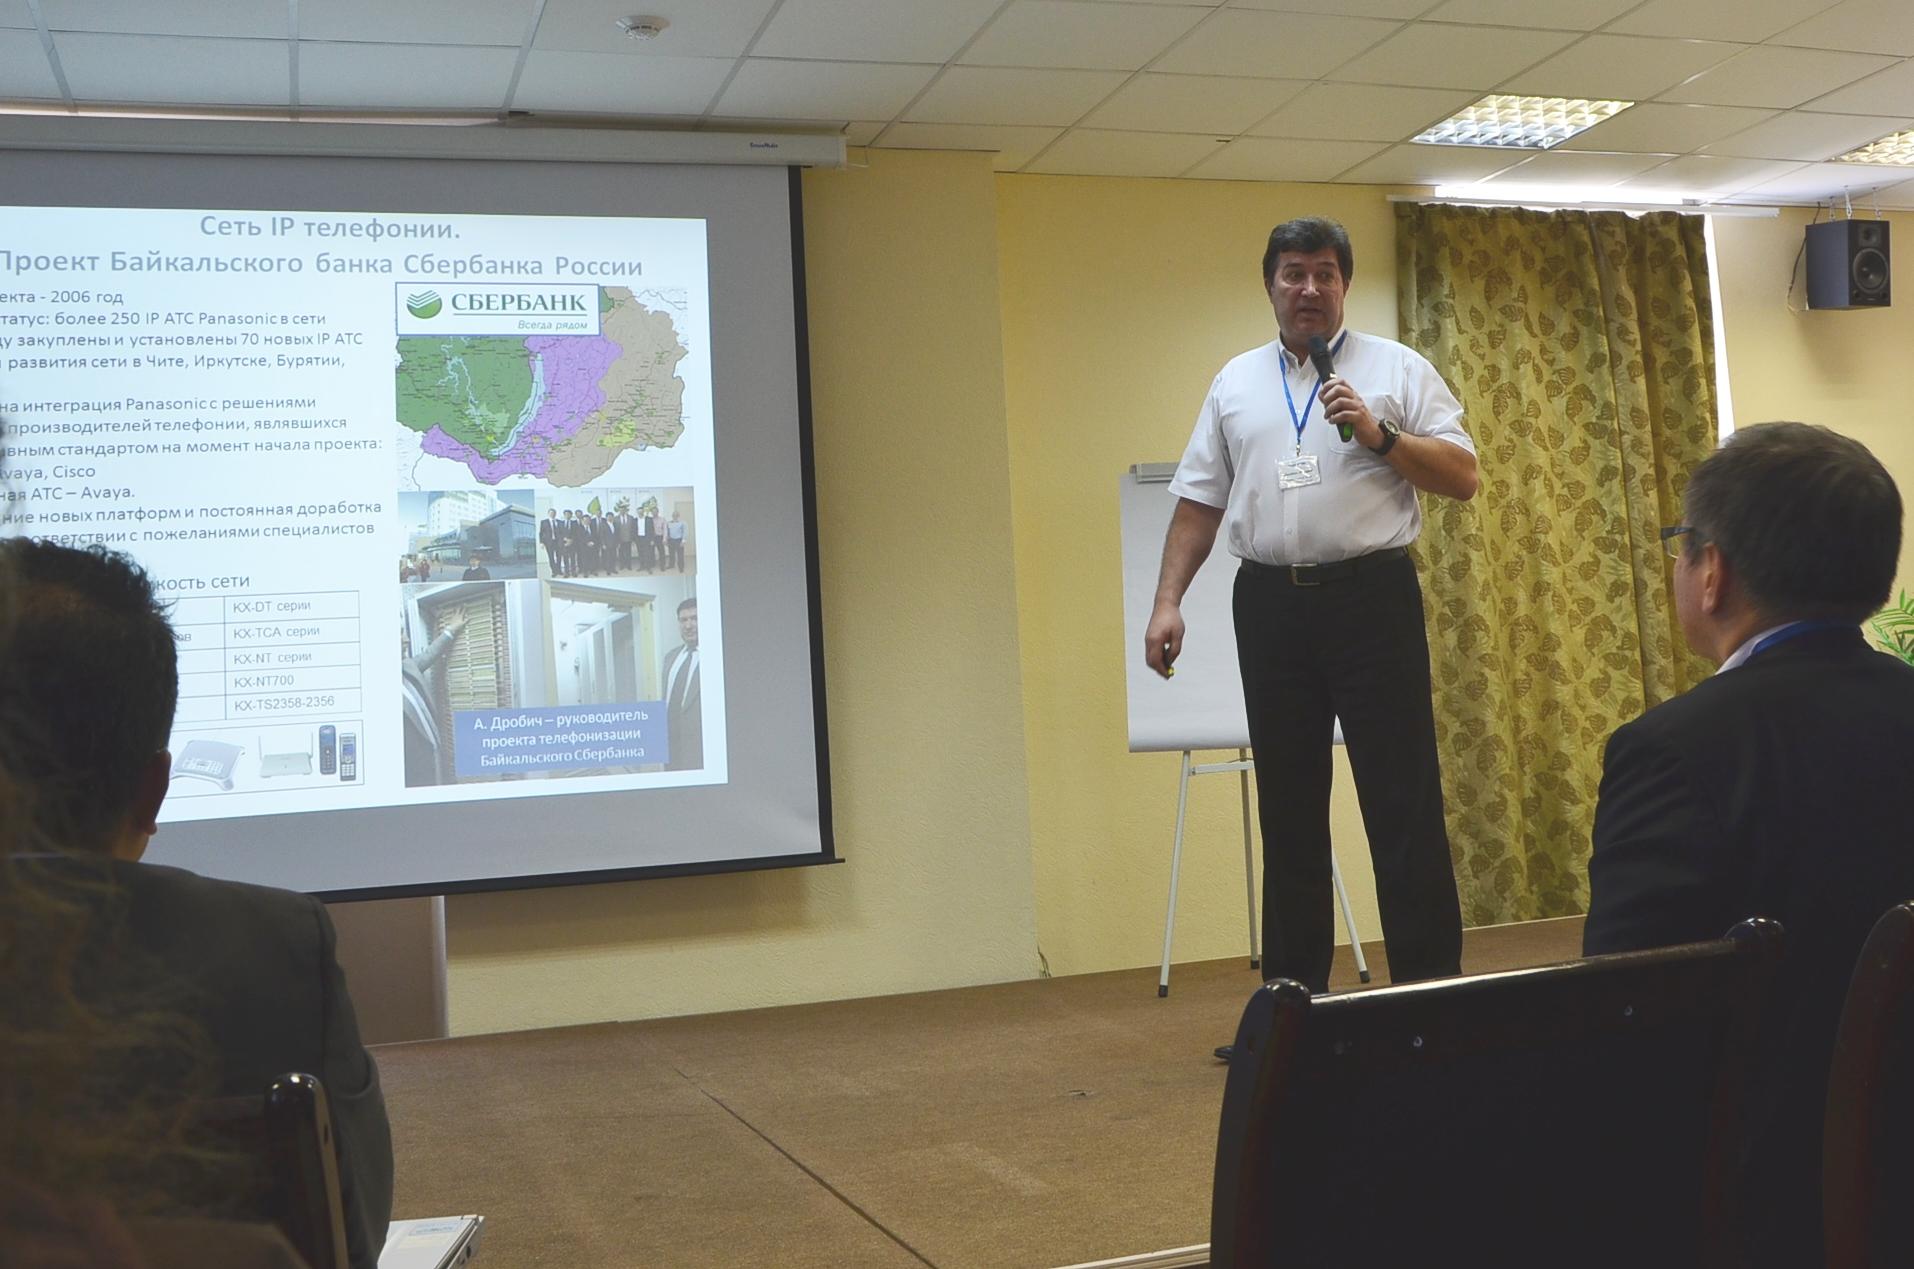 DSC 0075 Компания Panasonic провела партнерскую конференцию на Байкале